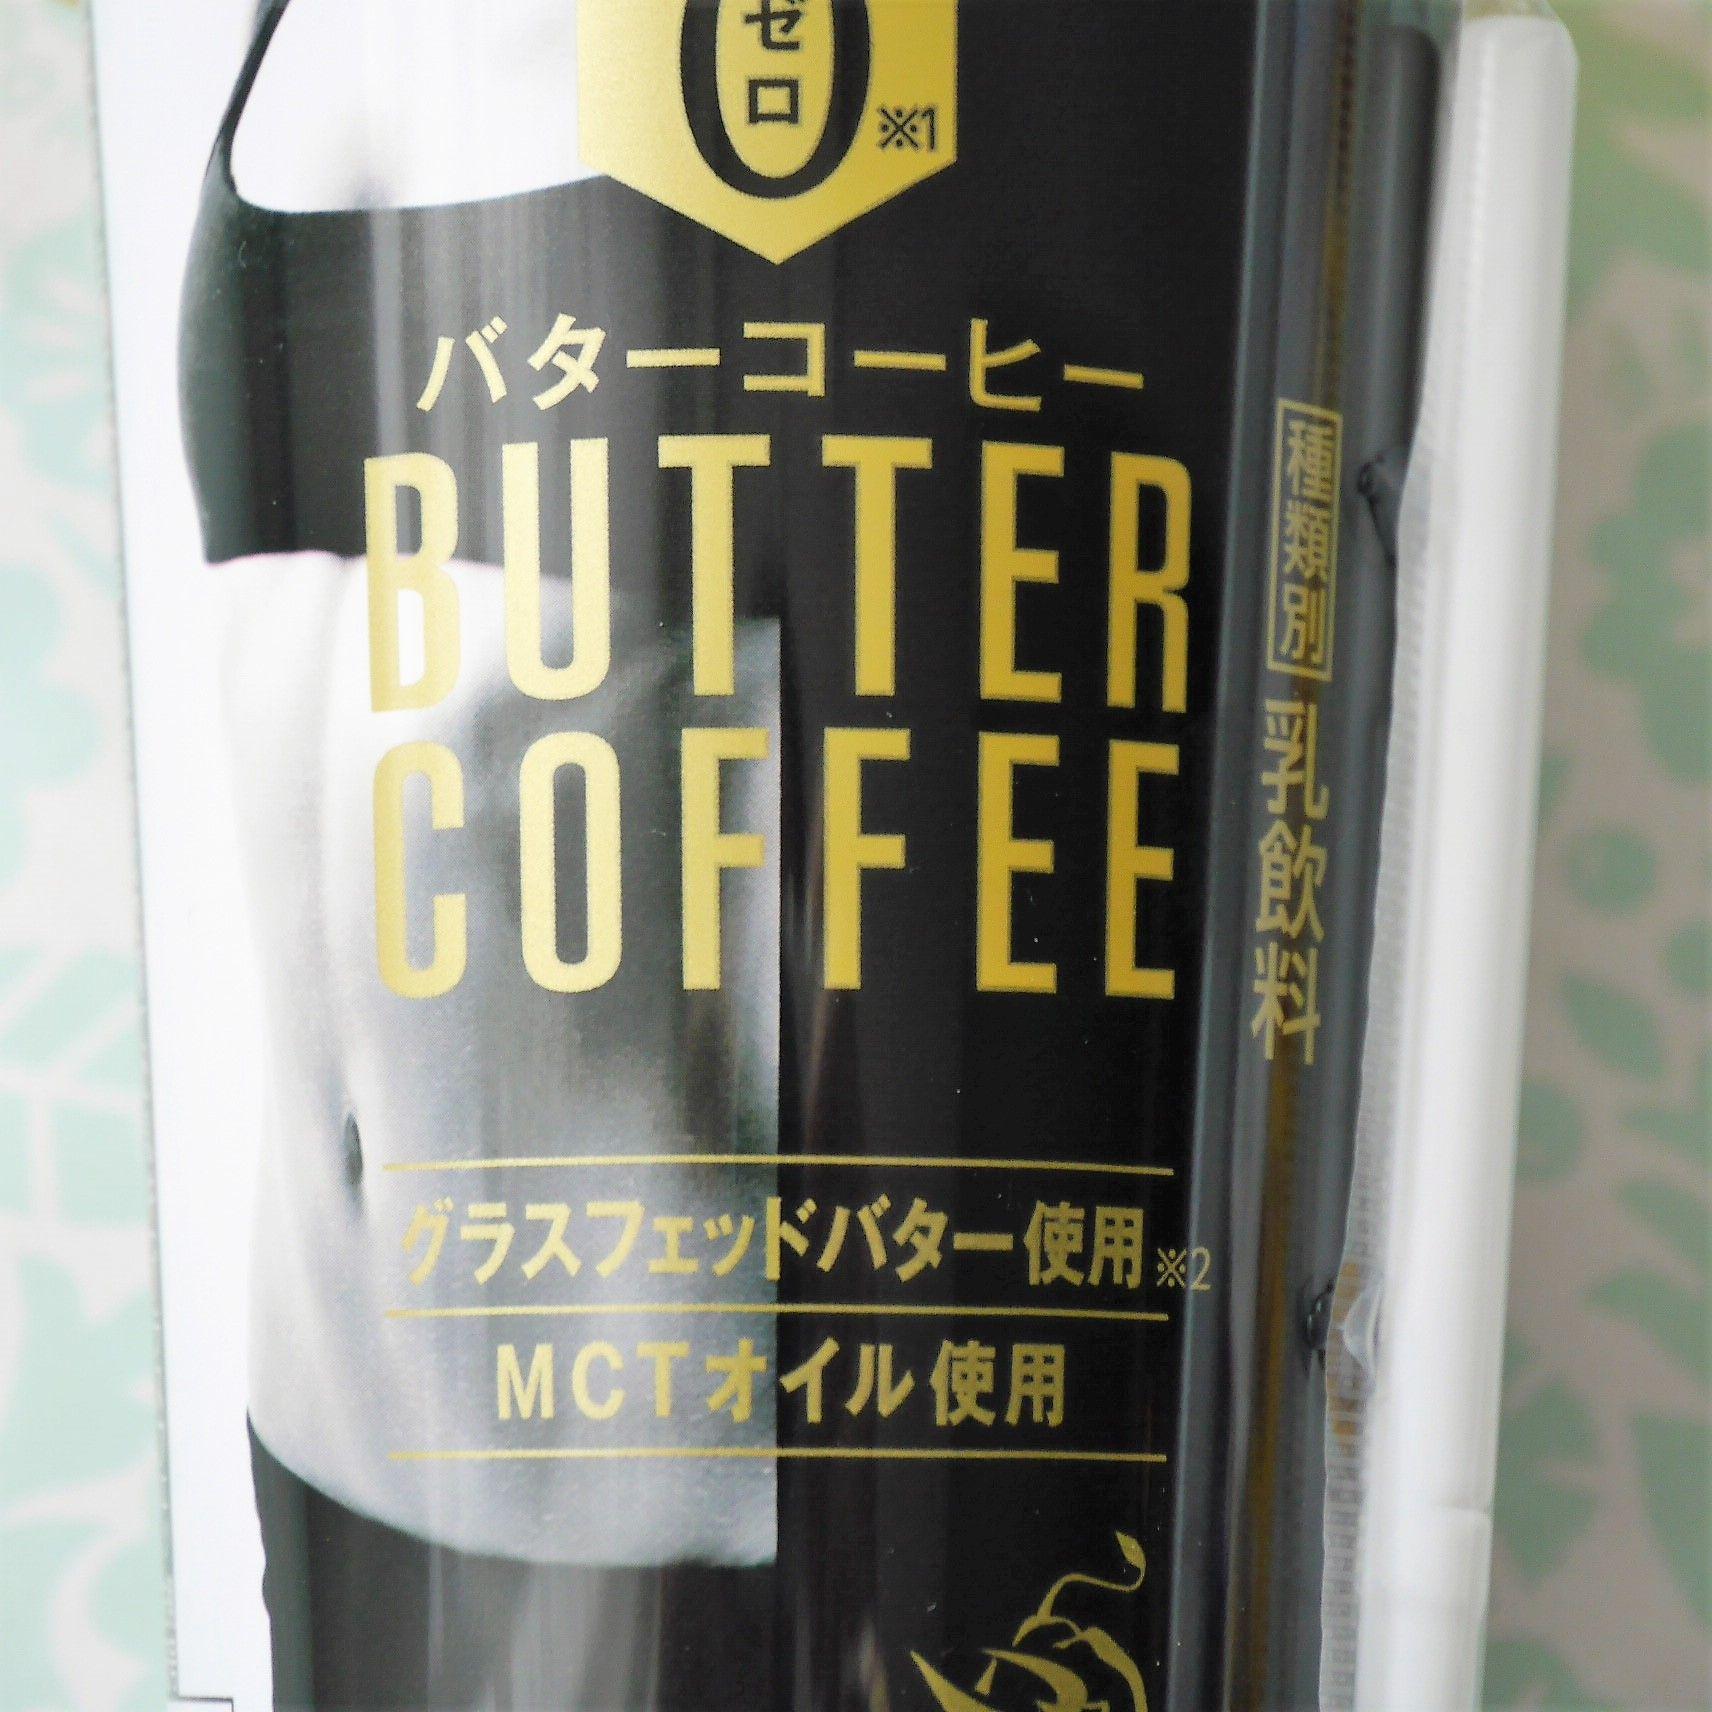 ファミマ_バターコーヒー_パッケージ_up